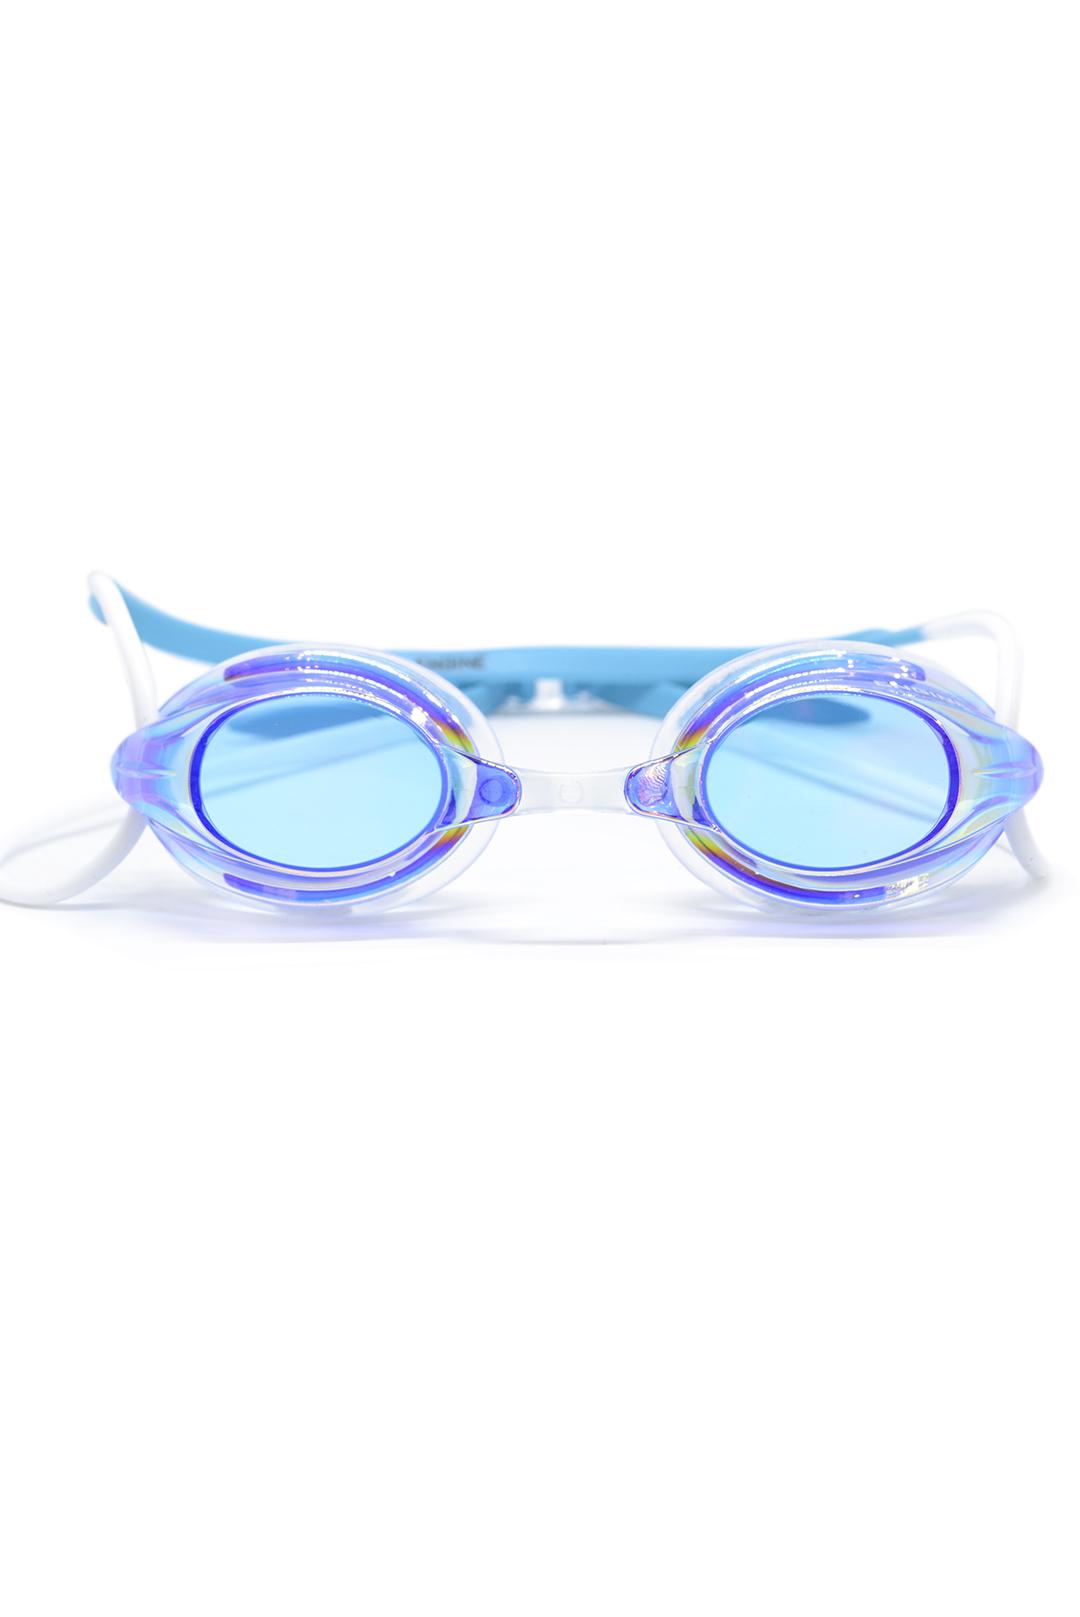 Weapon - Fishtale Blue